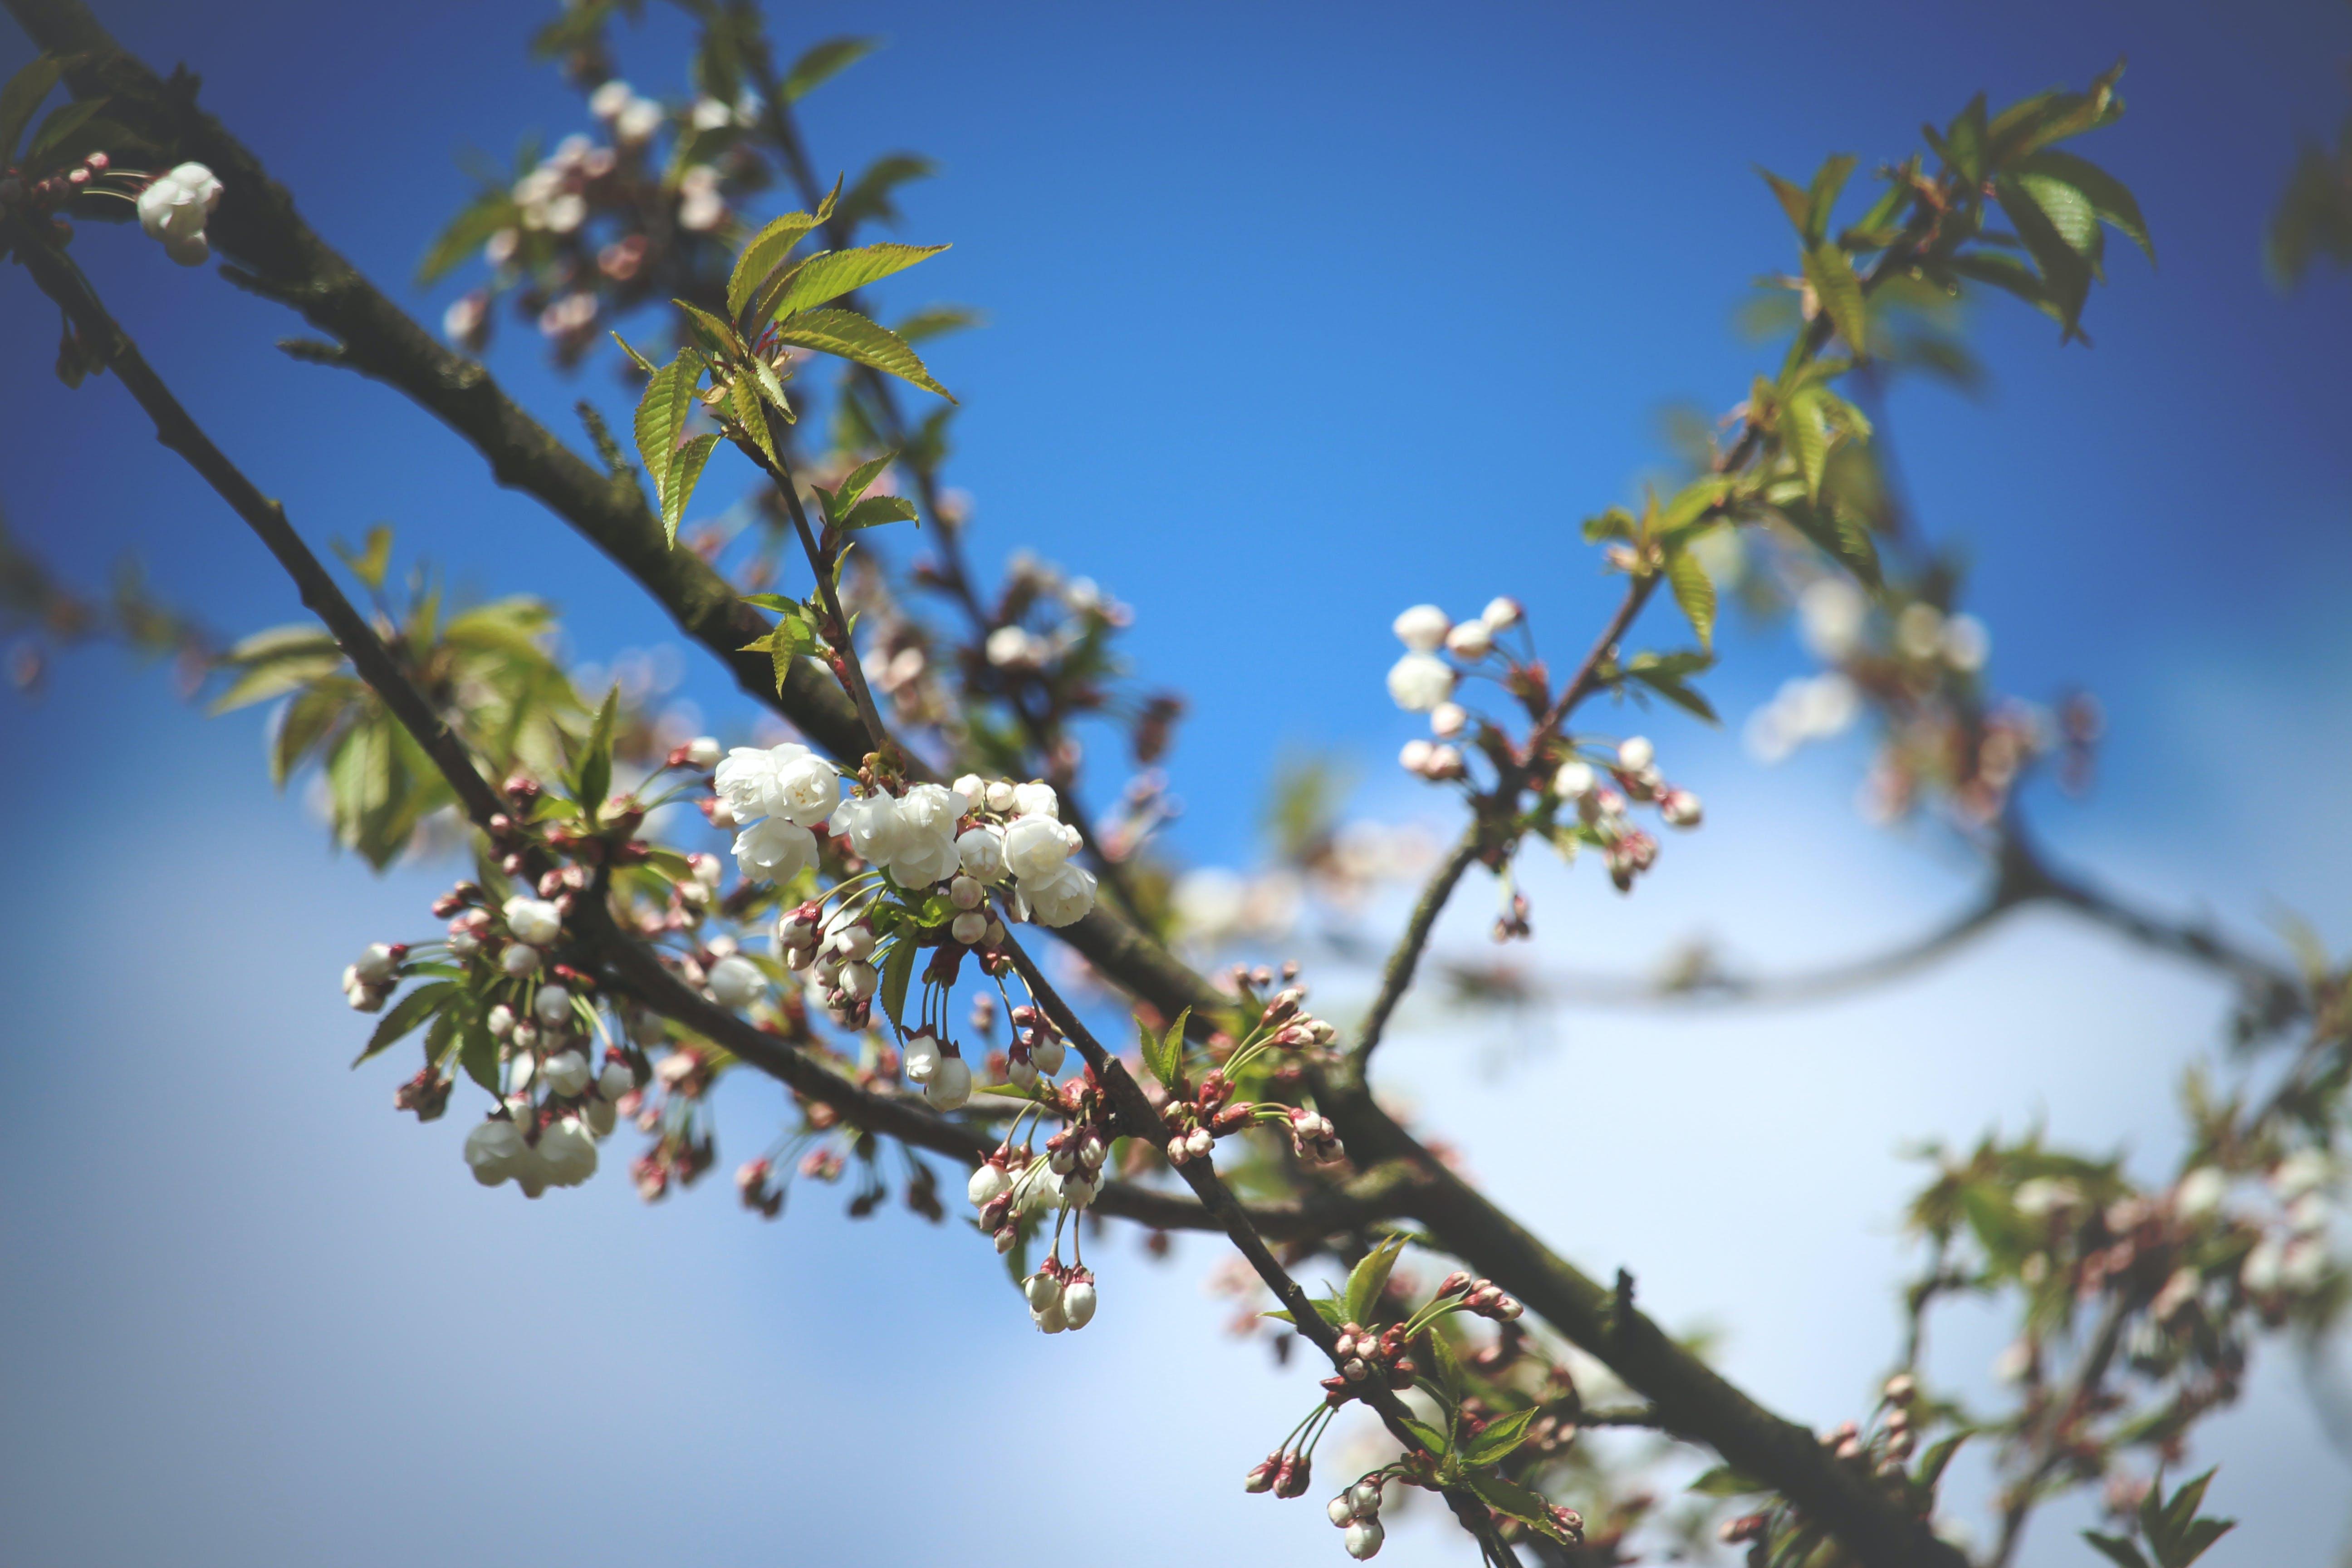 Δωρεάν στοκ φωτογραφιών με ανθίζω, δέντρα, δέντρο, καλοκαίρι